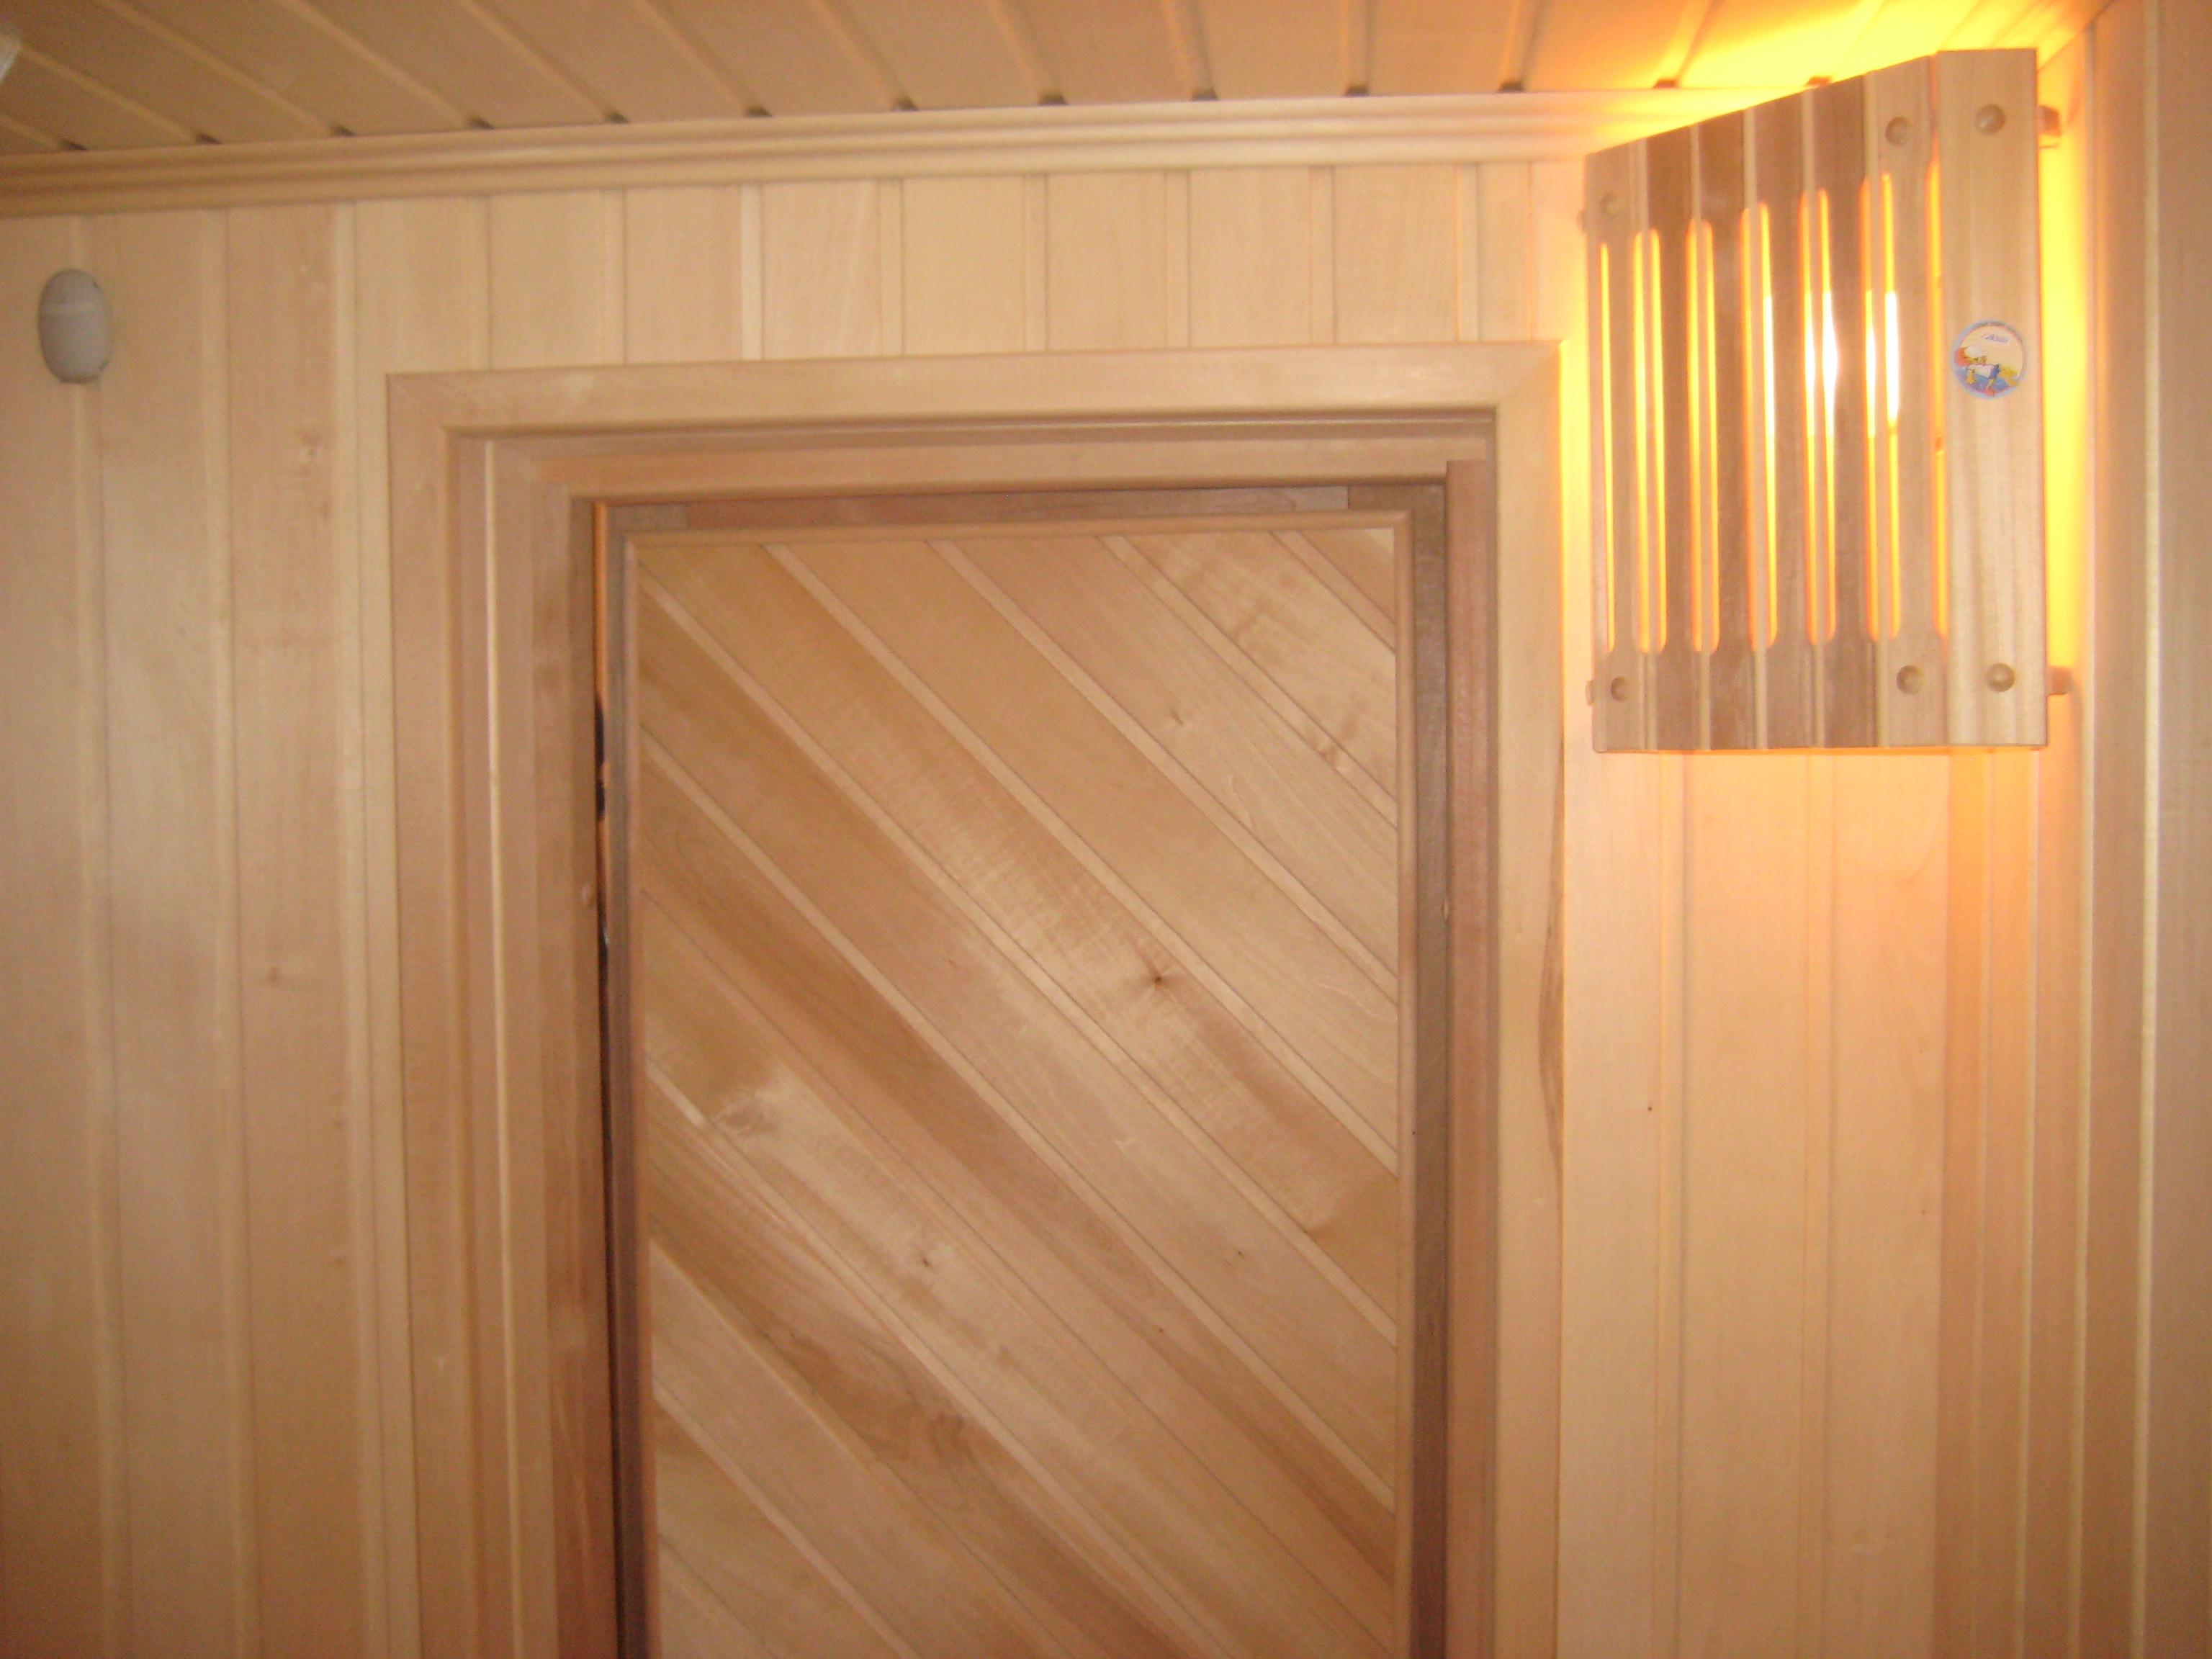 Как сделать деревянну, арочную, дубовую банную дверь в парилку своими руками - пошаговая видео и фото инструкция с чертежами